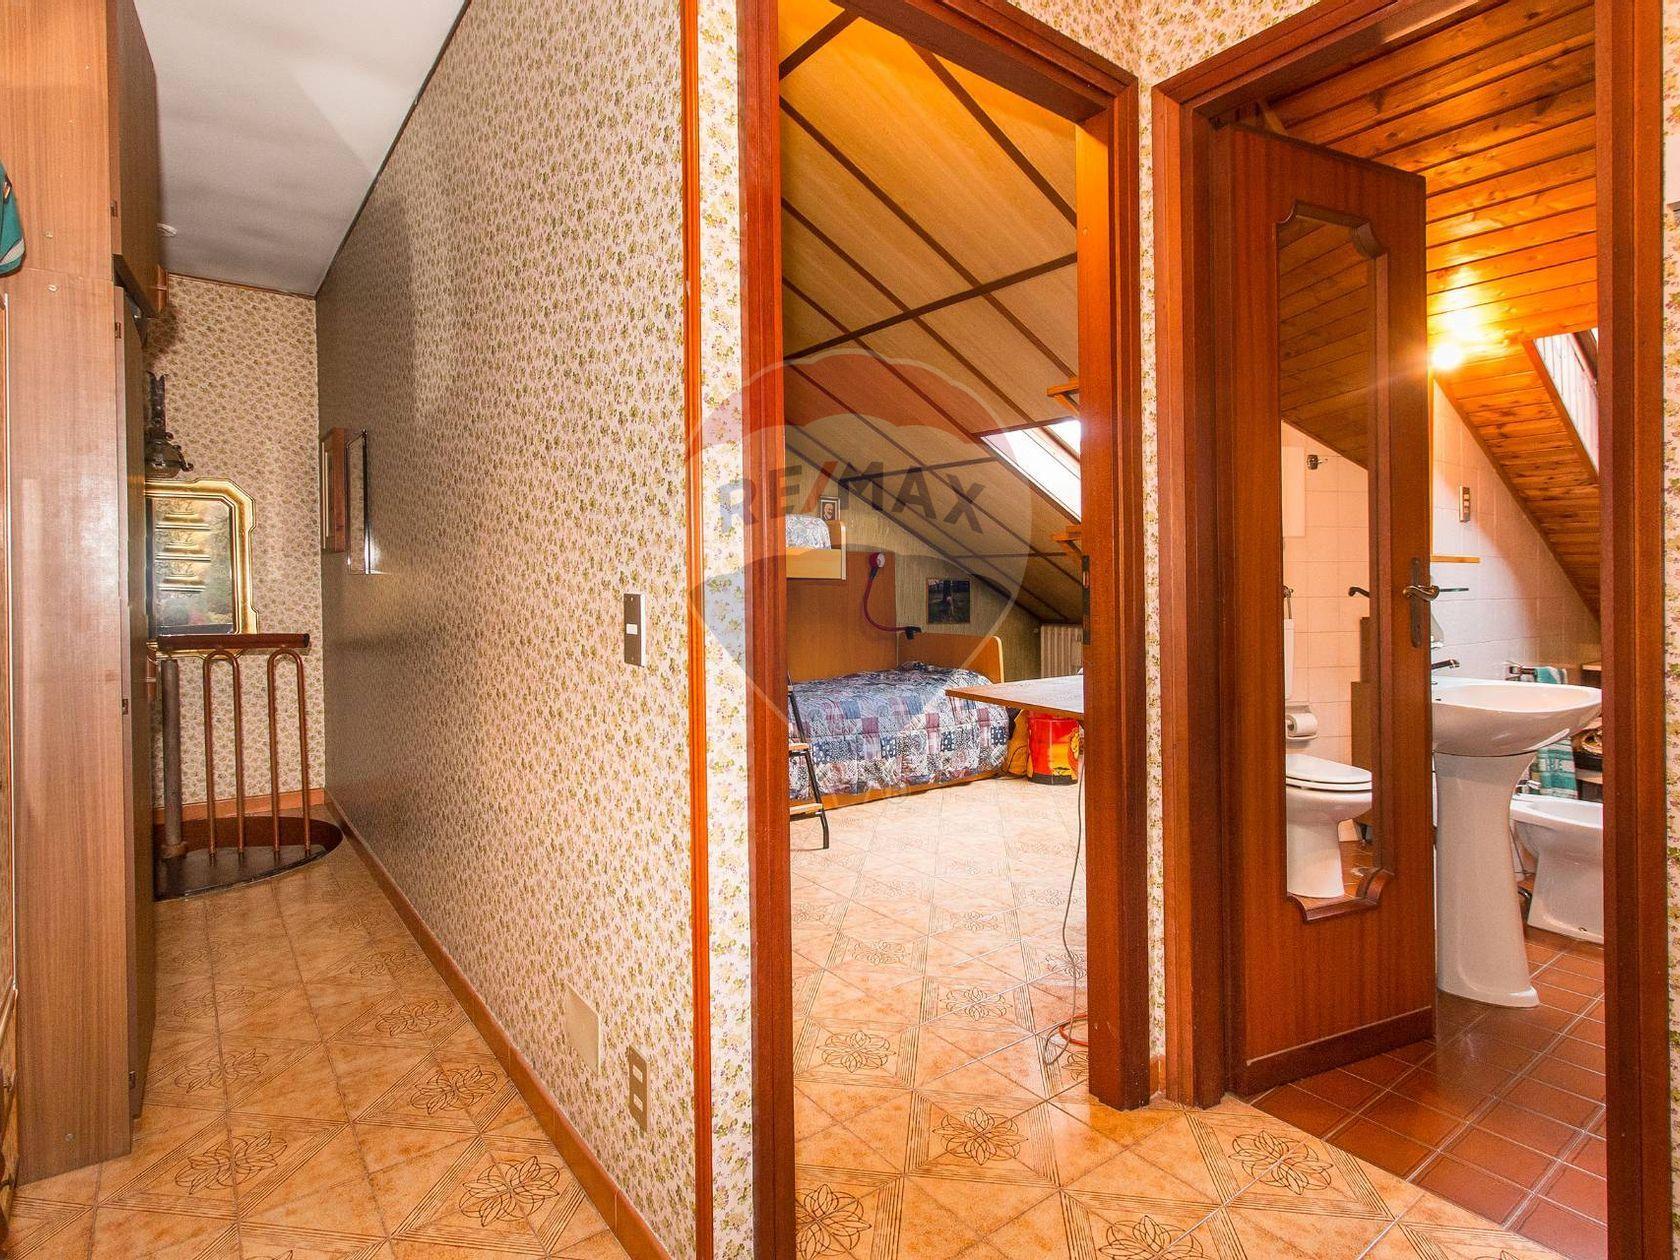 Appartamento San Pietro, Moncalieri, TO Vendita - Foto 24